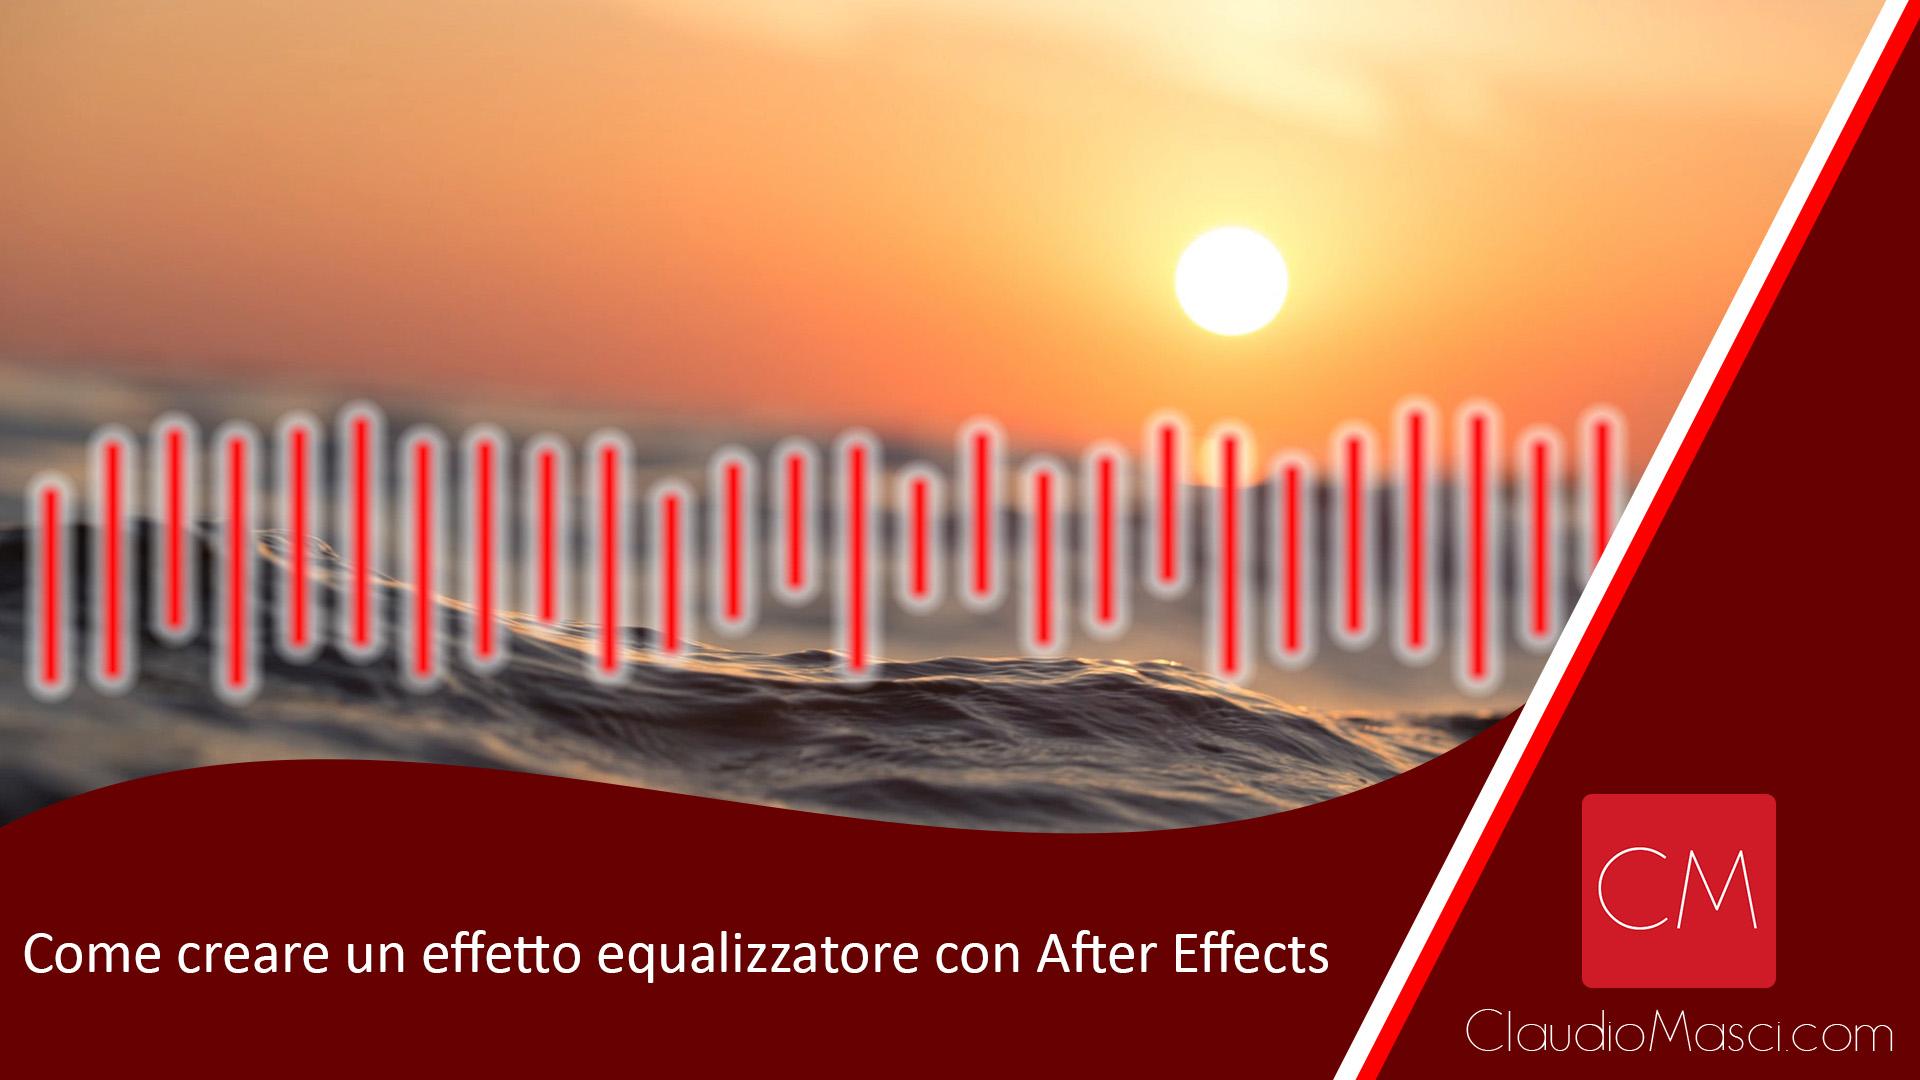 Come creare un effetto equalizzatore con After Effects